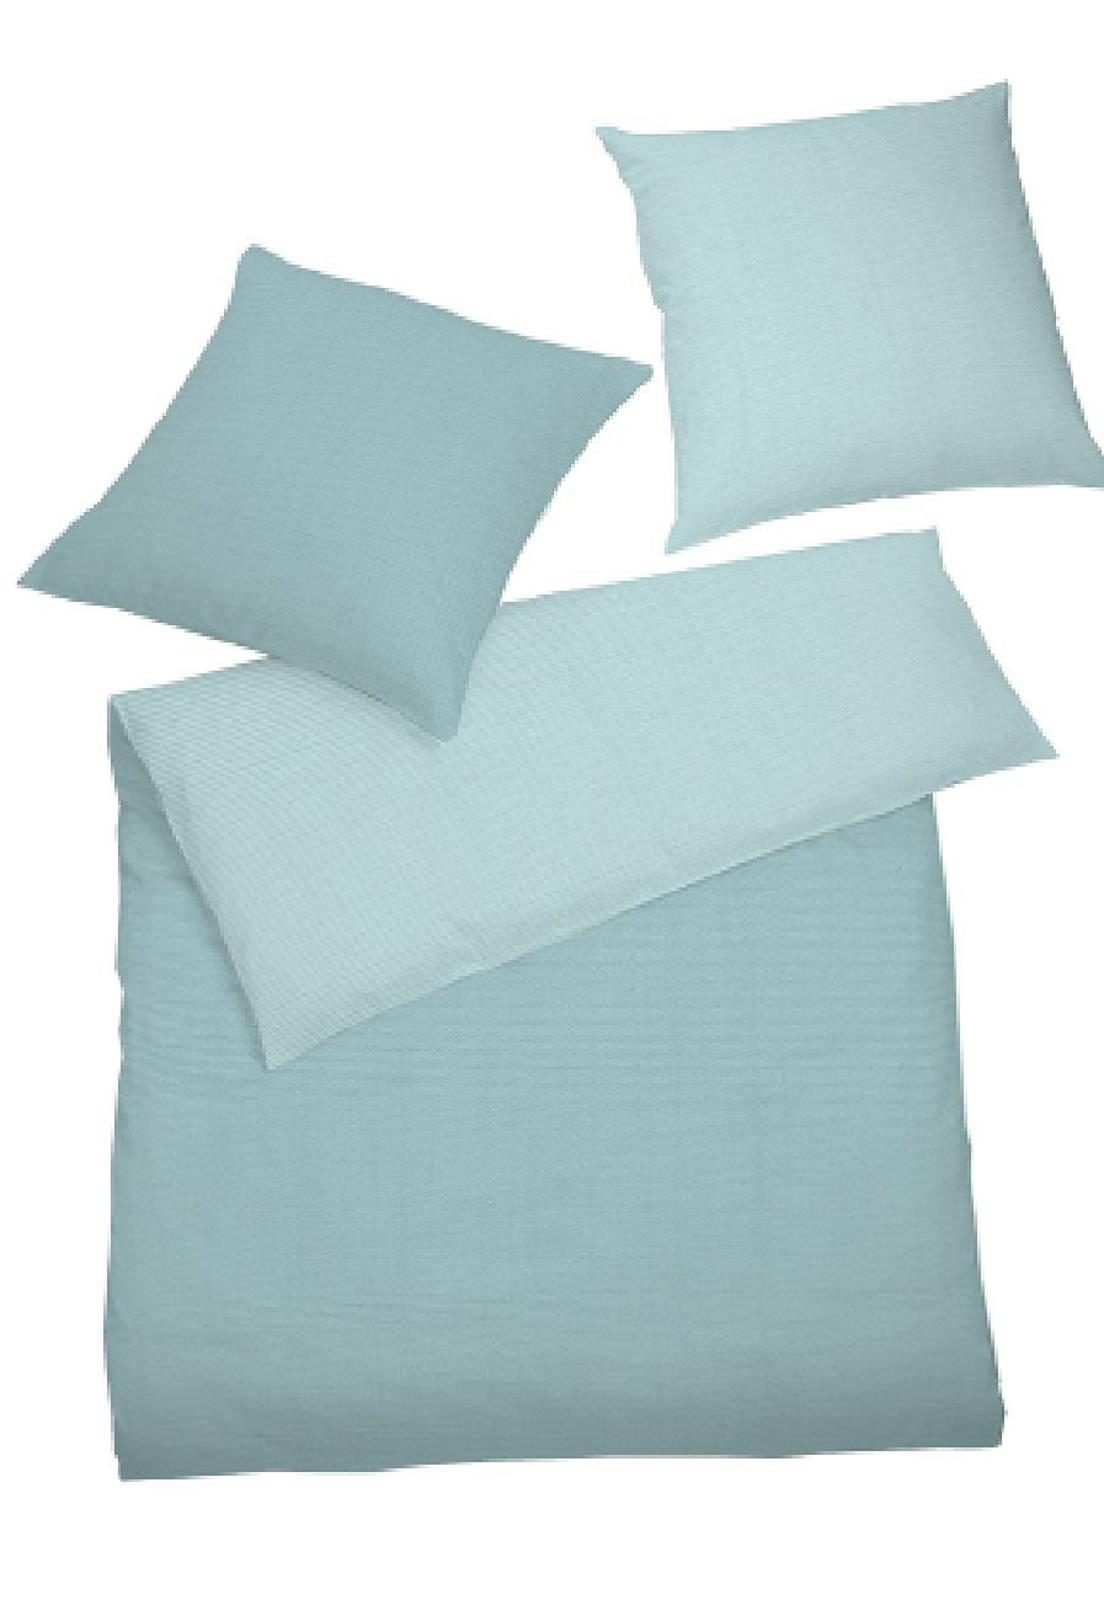 Schlafgut Casual Cotton Bettwäsche Online Entdecken Schaffrath